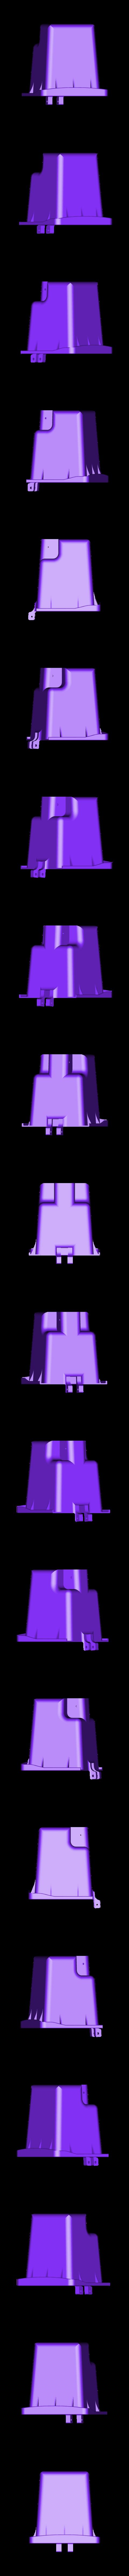 cestino.stl Télécharger fichier STL gratuit poubelle tirelire • Plan pour impression 3D, Delli98